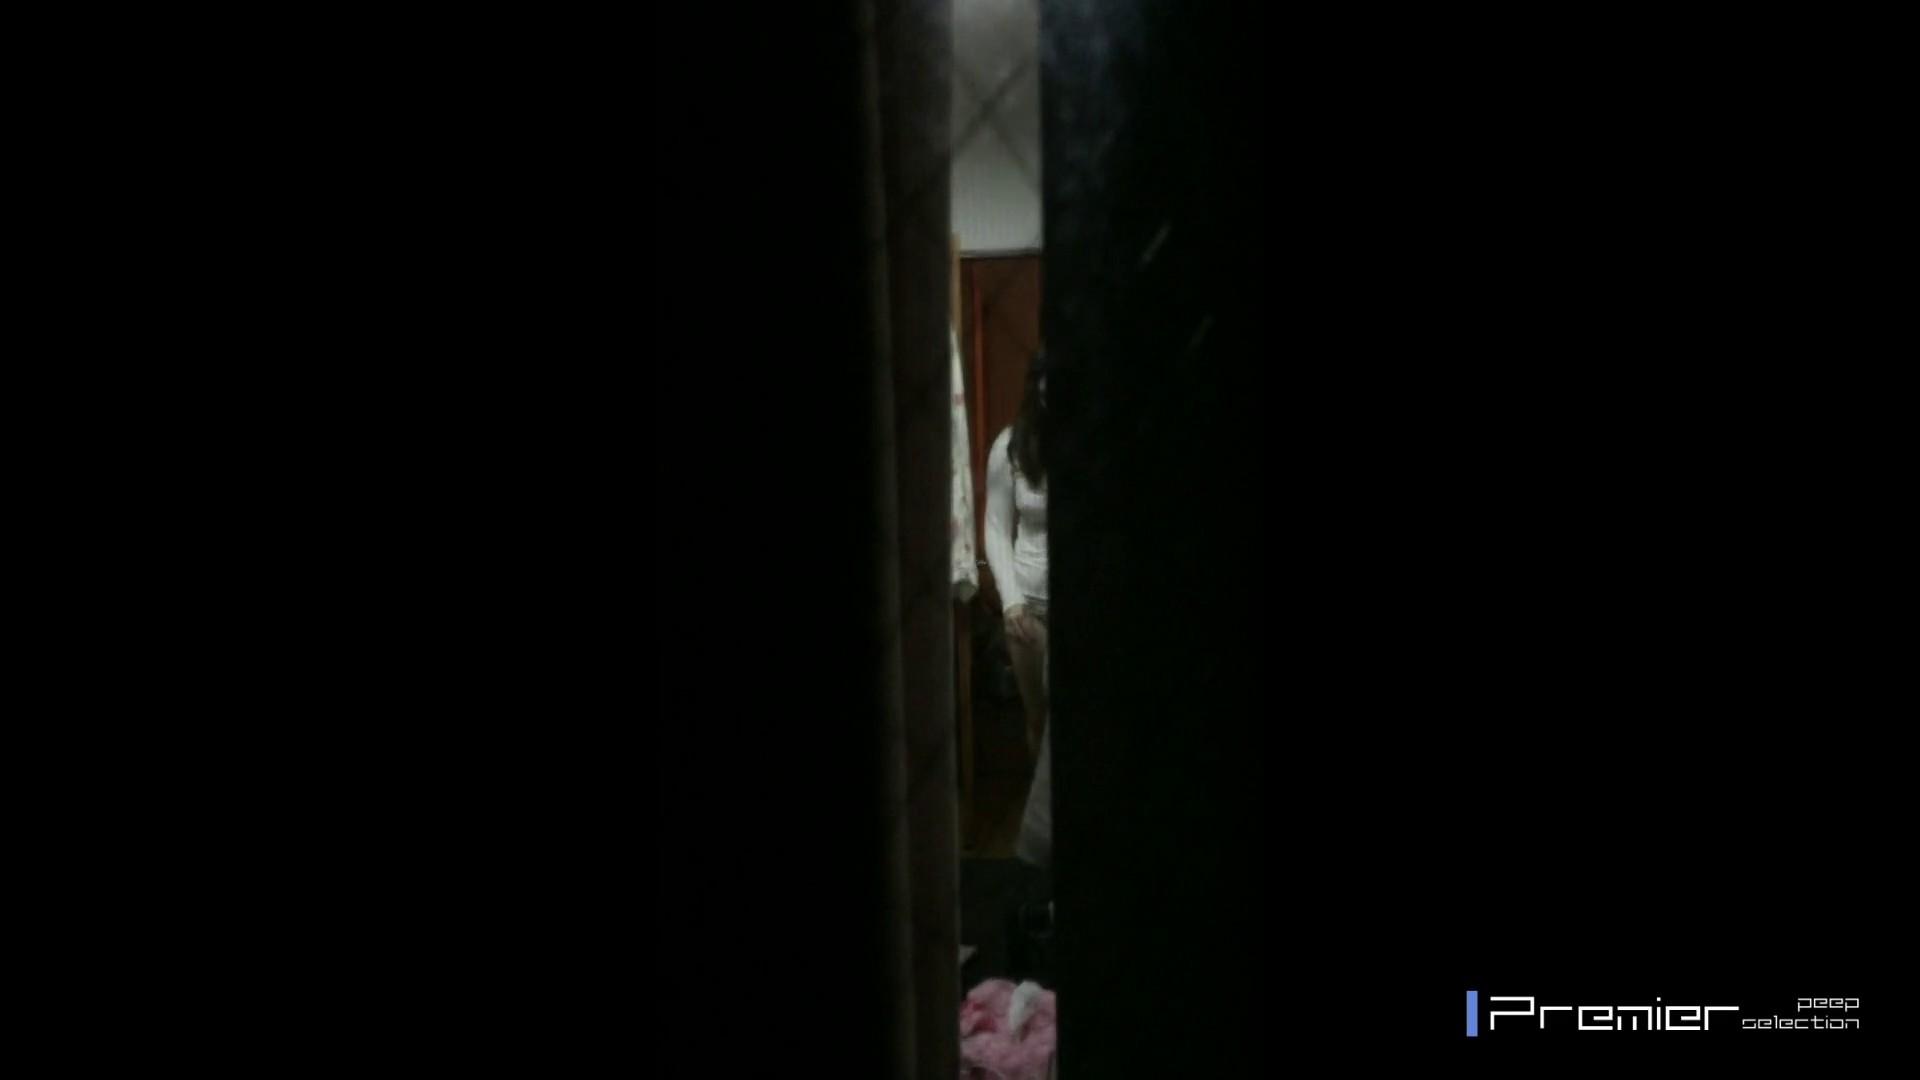 マニア必見!ポチャ達のカーニバル美女達の私生活に潜入! 桃色乳首 AV無料動画キャプチャ 88画像 85